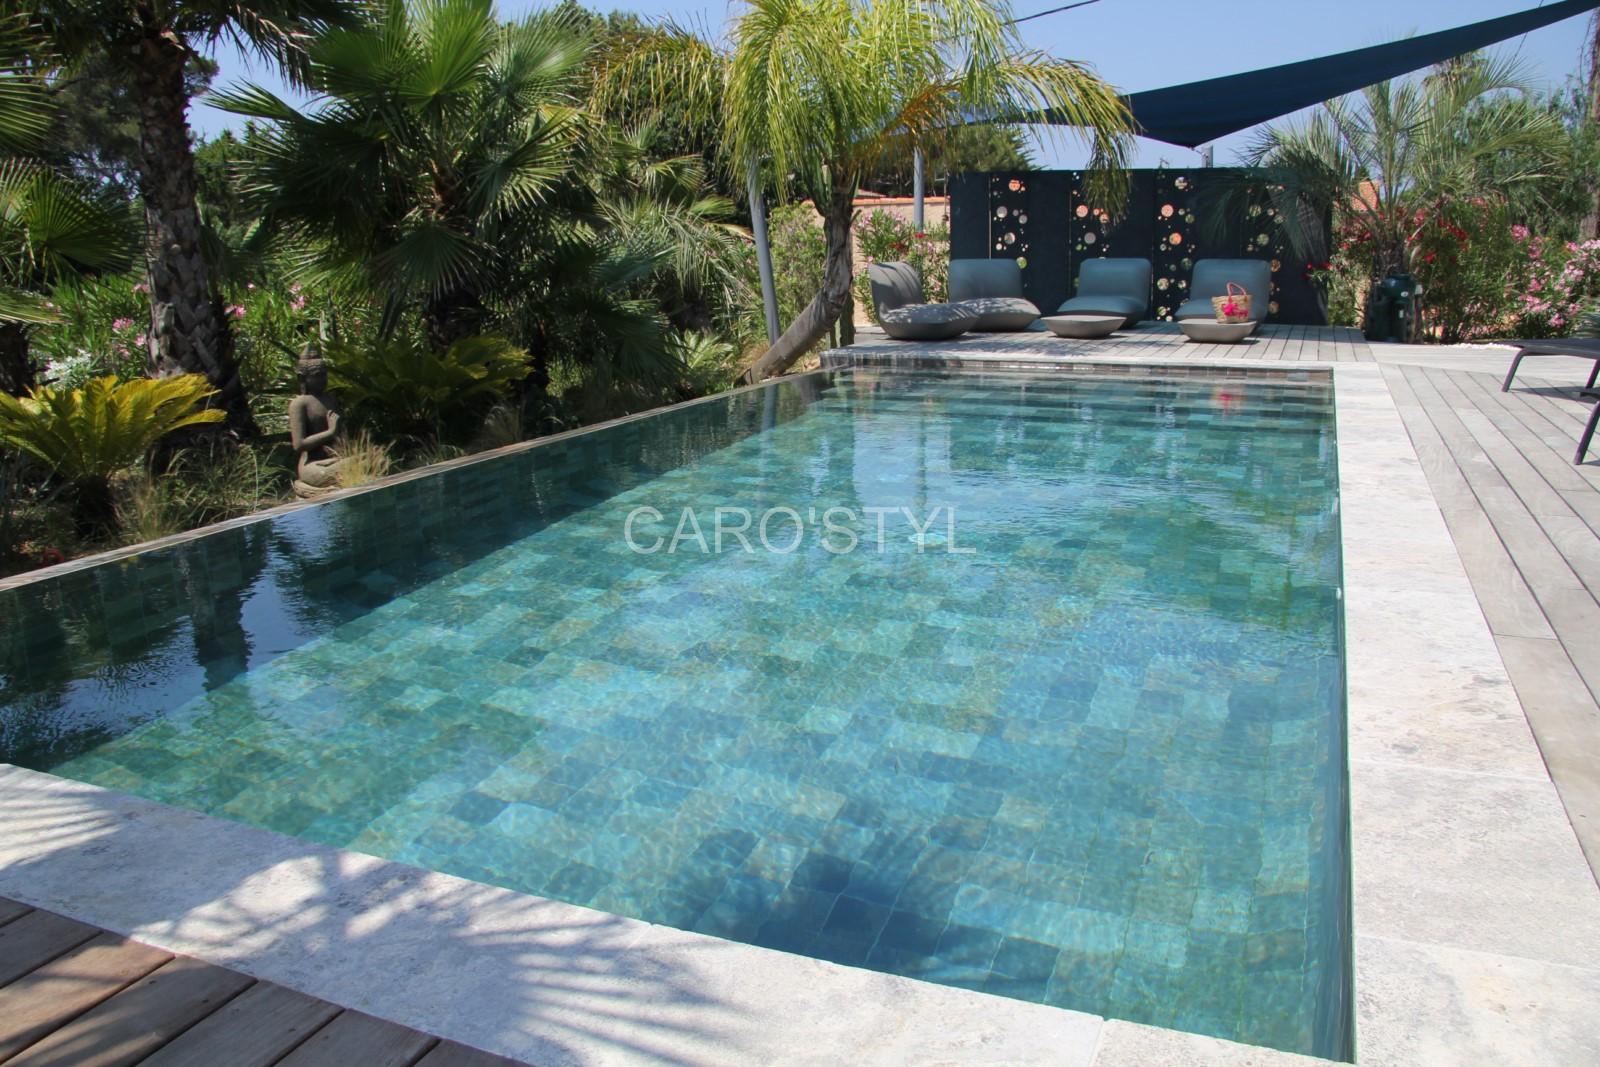 piscine en carrelage green bali 15x15 cm un d nuan age magnifique pour une eau meraude. Black Bedroom Furniture Sets. Home Design Ideas